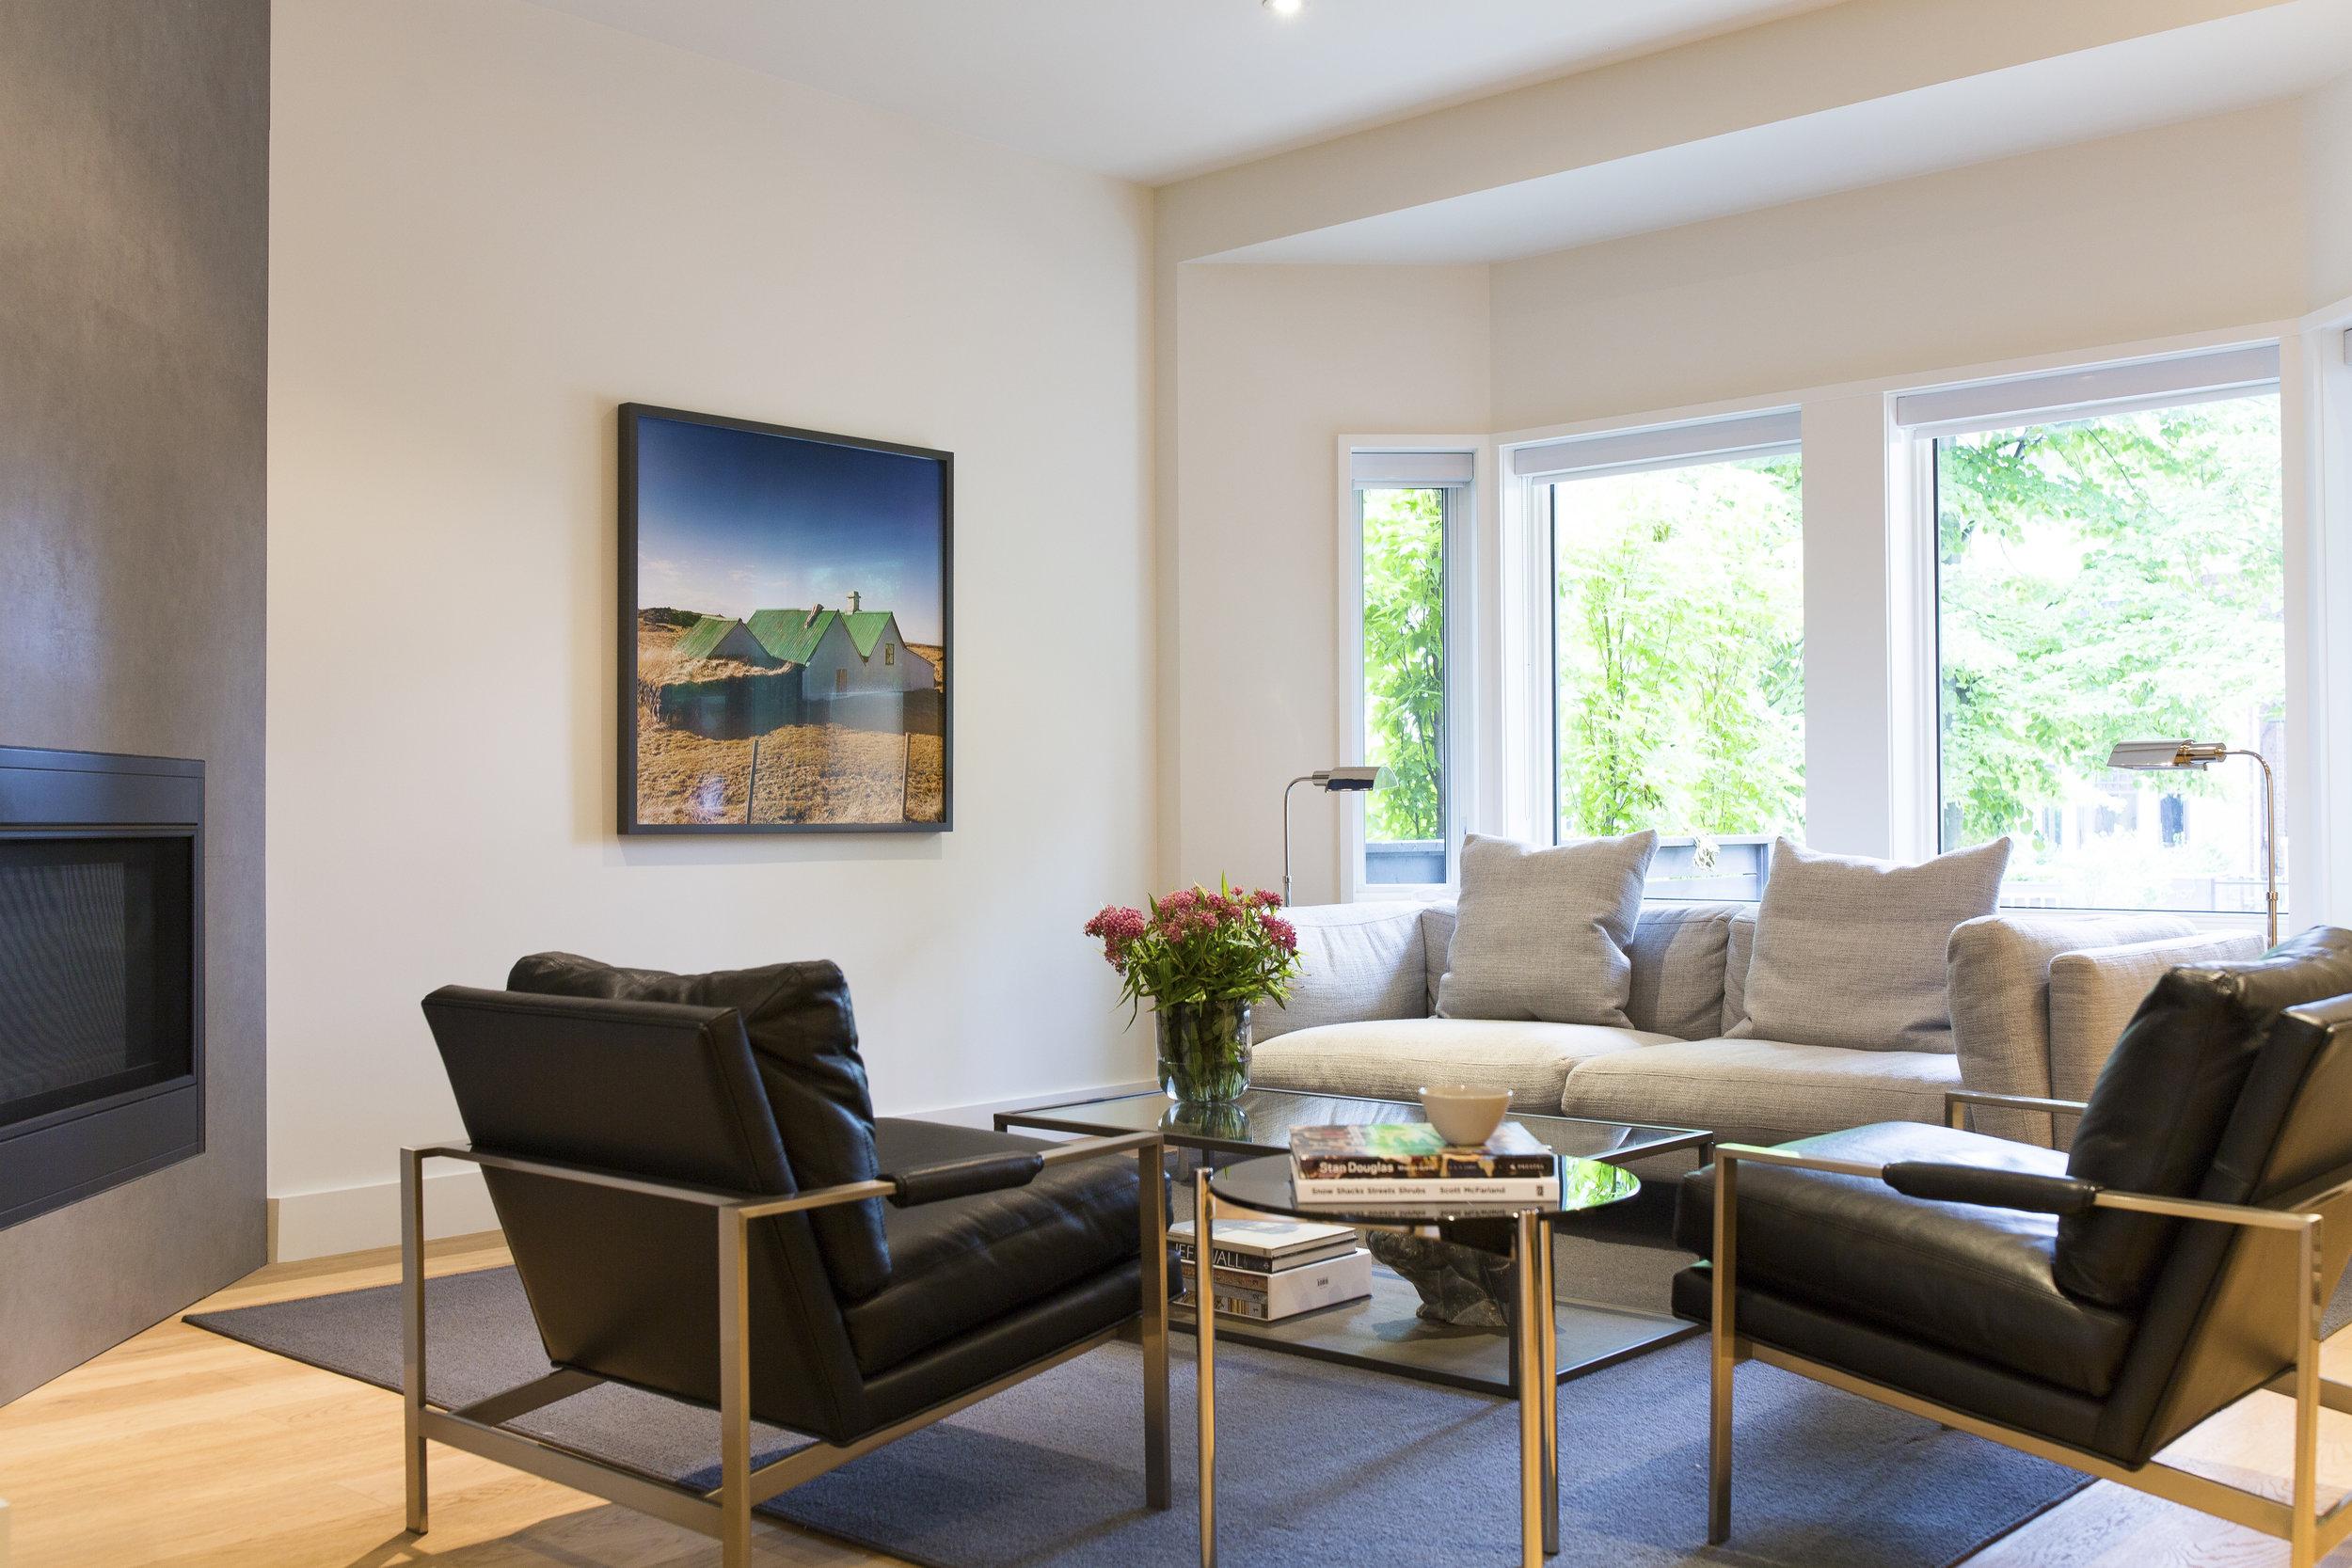 Farnham living room.jpg